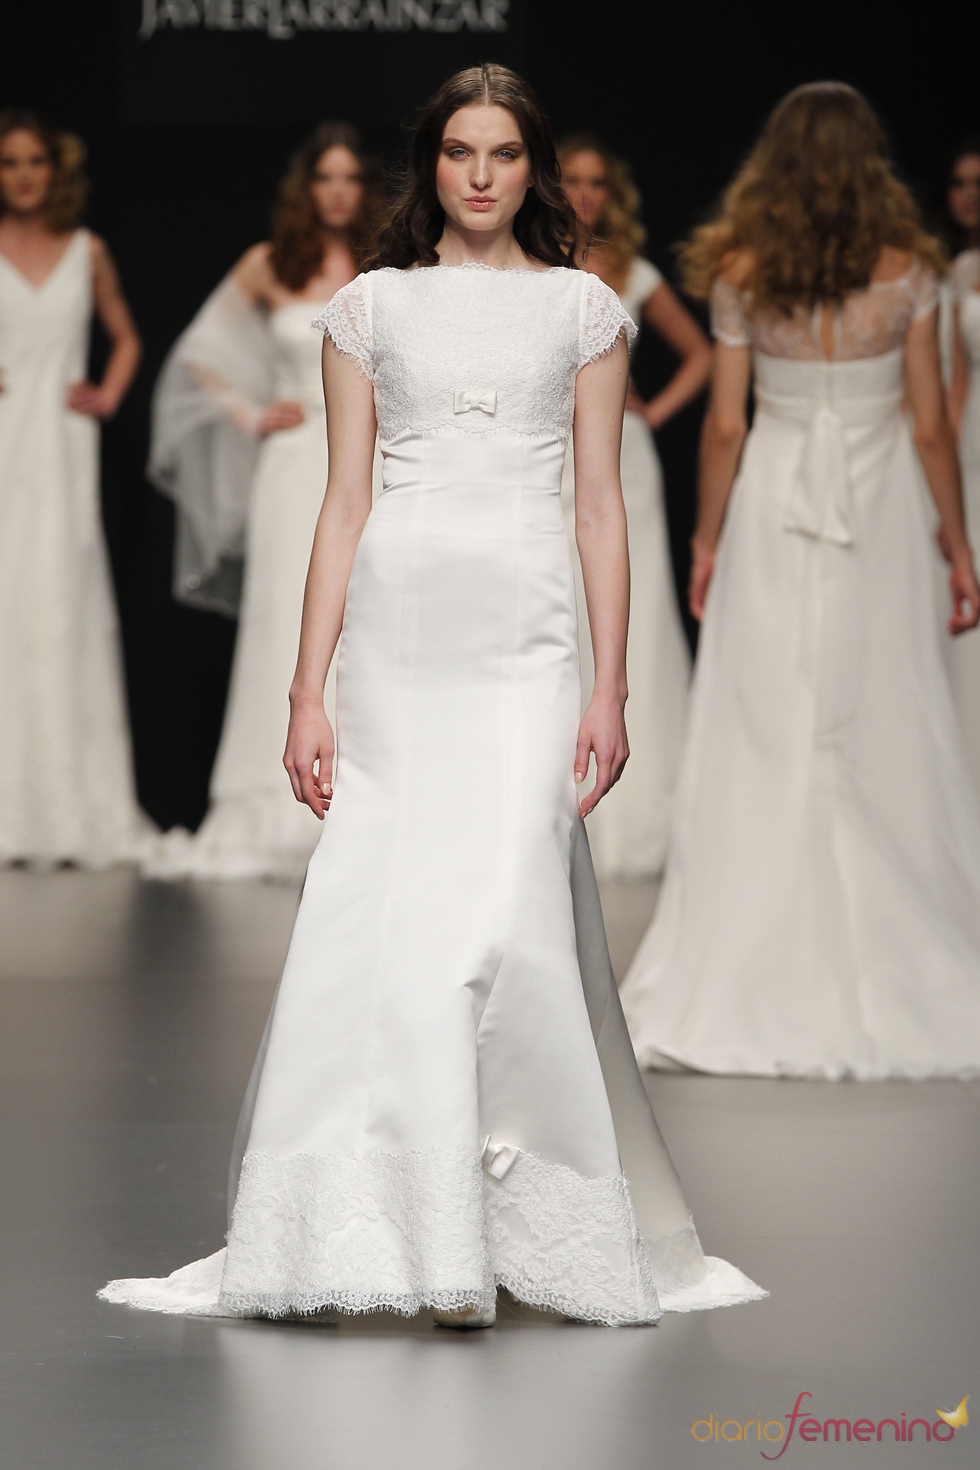 Vestido de novia muy chic de Javier Larrainzar